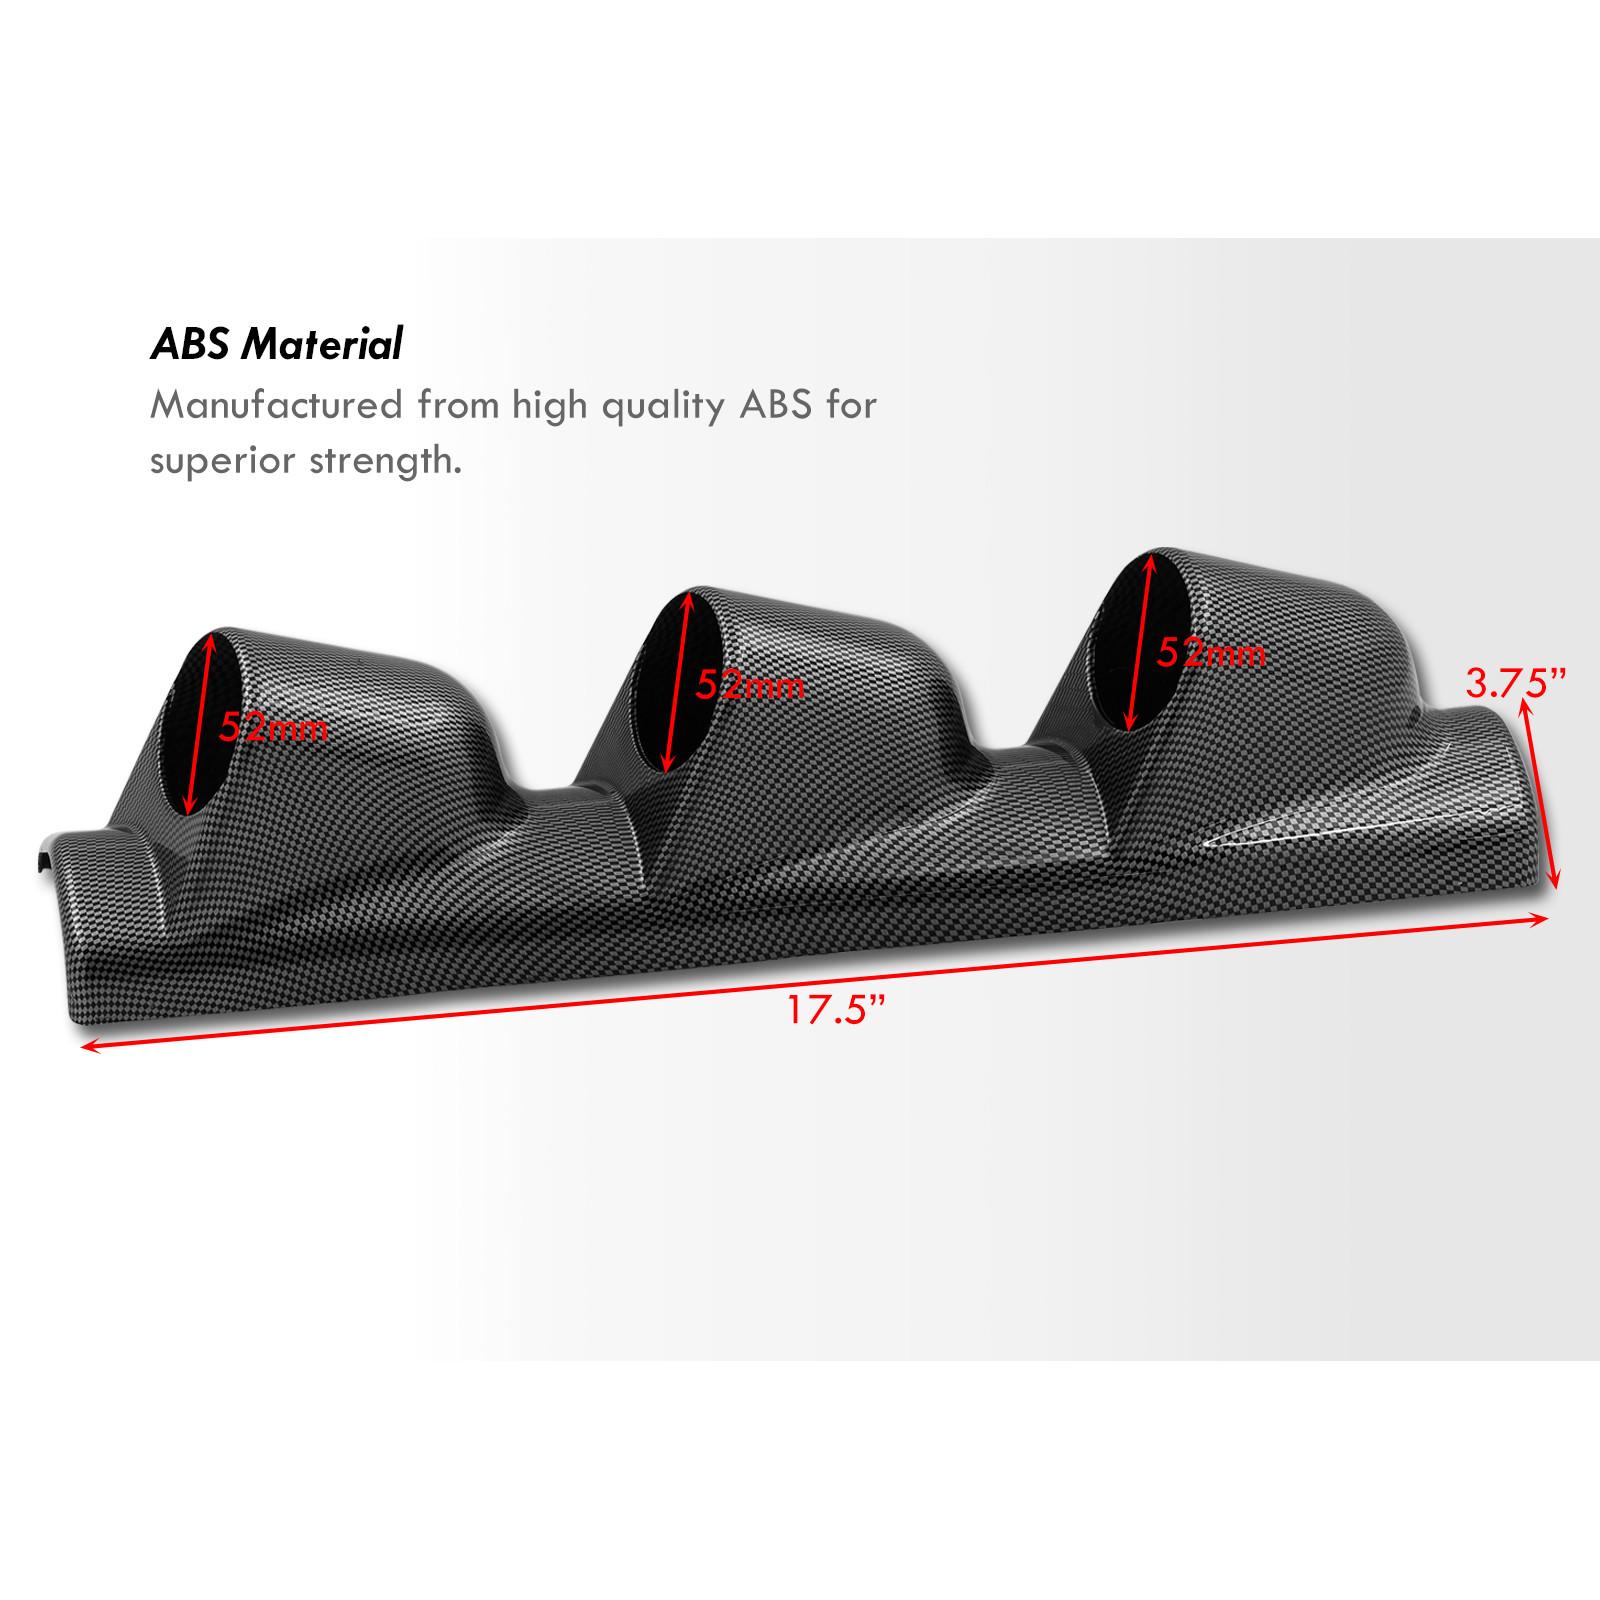 Triple 3 Hole A-Pillar Carbon Look Gauge Meter Pod Drift Display Holder 52mm